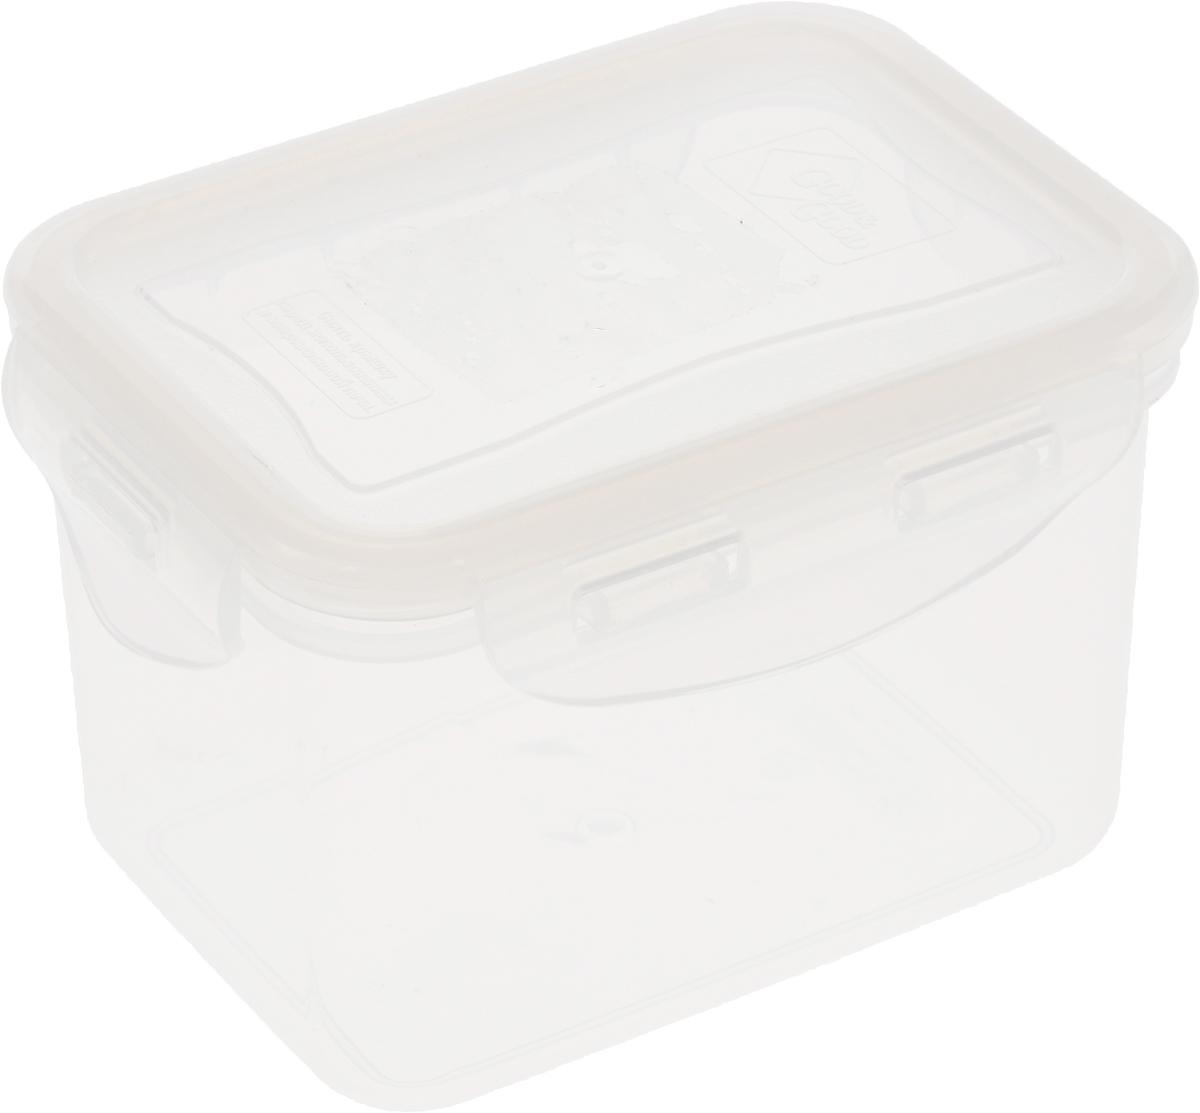 Контейнер пищевой Good&Good, цвет: прозрачный, 630 мл02-2_прозрачныйПрямоугольный контейнер Good&Good изготовлен извысококачественного полипропилена и предназначен дляхранения любых пищевых продуктов. Благодаря особымтехнологиям изготовления, лотки в течение временислужбы не меняют цвет и не пропитываютсязапахами. Крышка с силиконовой вставкой герметичнозащелкивается специальным механизмом.Контейнер Good&Good удобен для ежедневногоиспользования в быту. Можно мыть в посудомоечной машине и использовать вмикроволновой печи. Размер контейнера (с учетом крышки): 13 х 10 х 8,5 см.